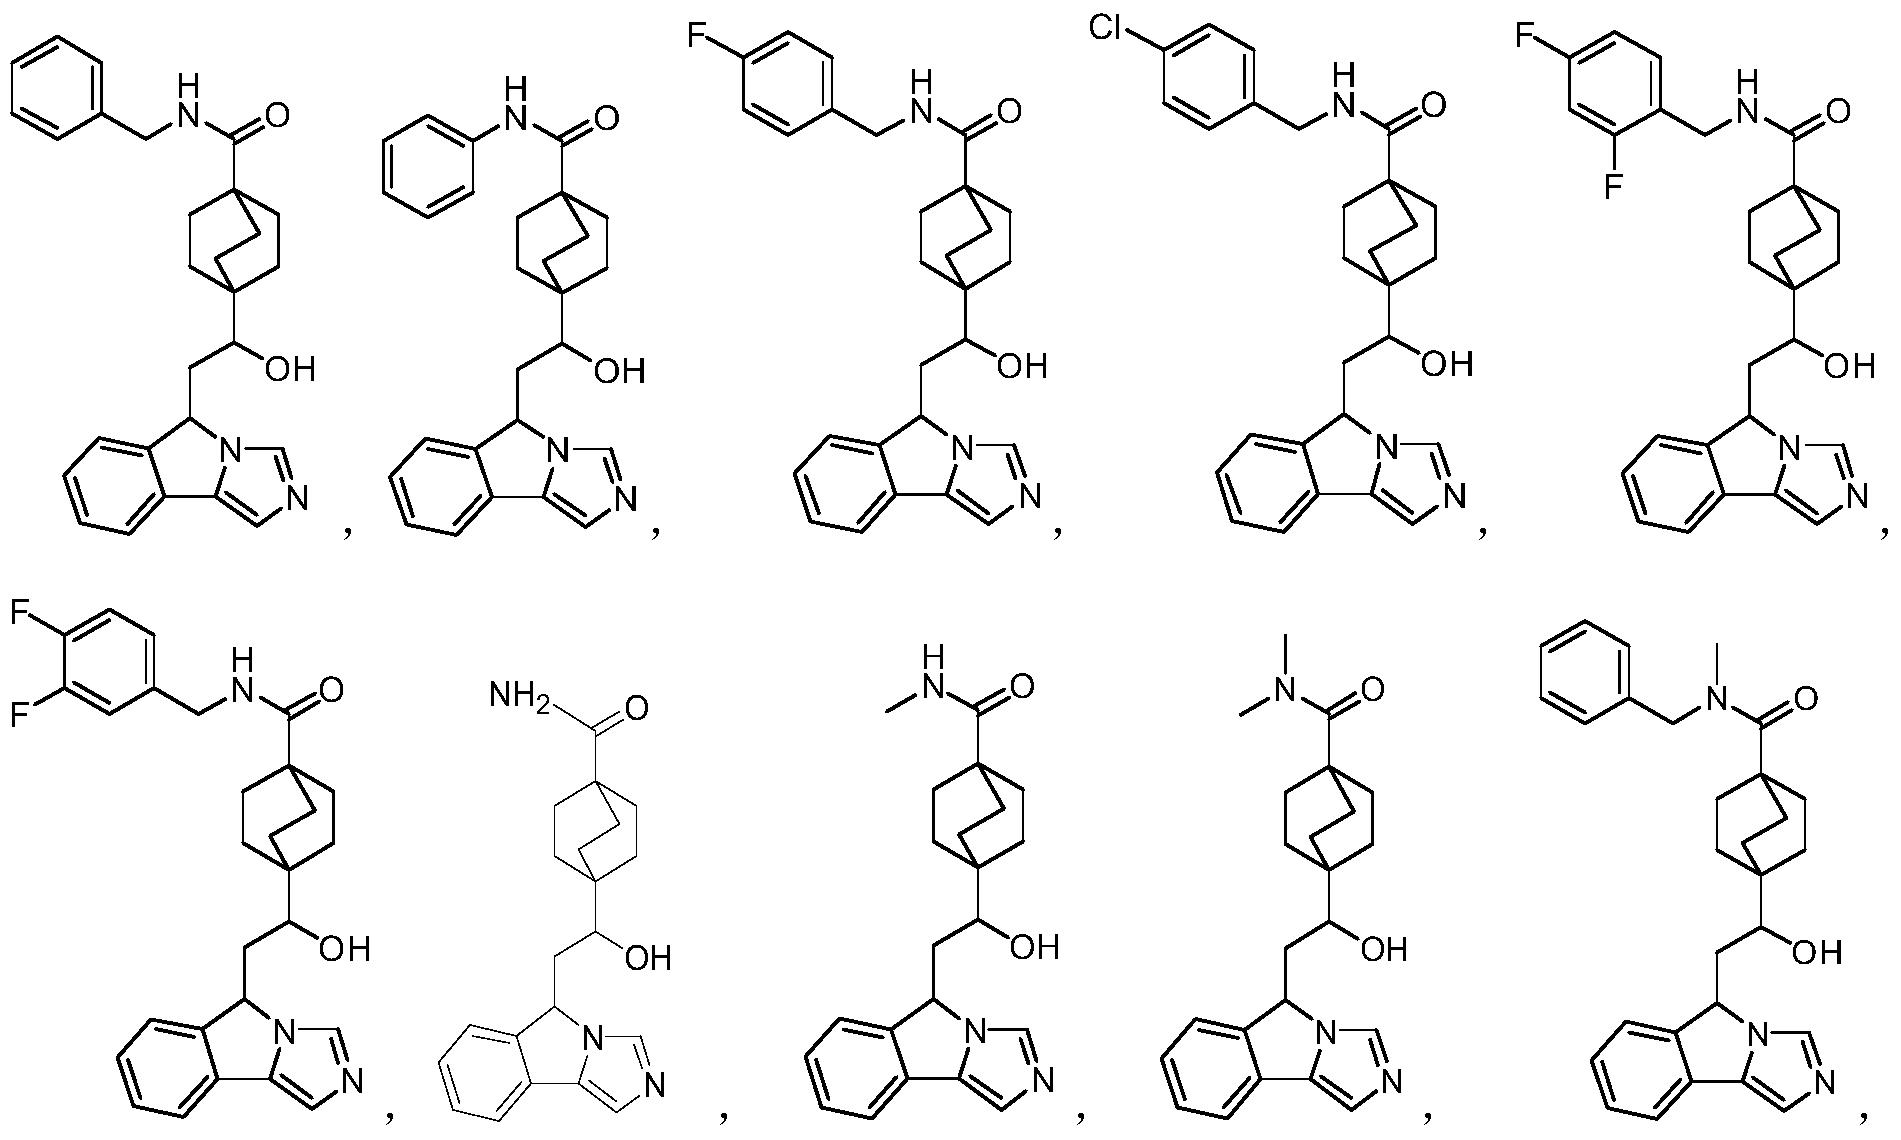 Figure PCTCN2017084604-appb-100017